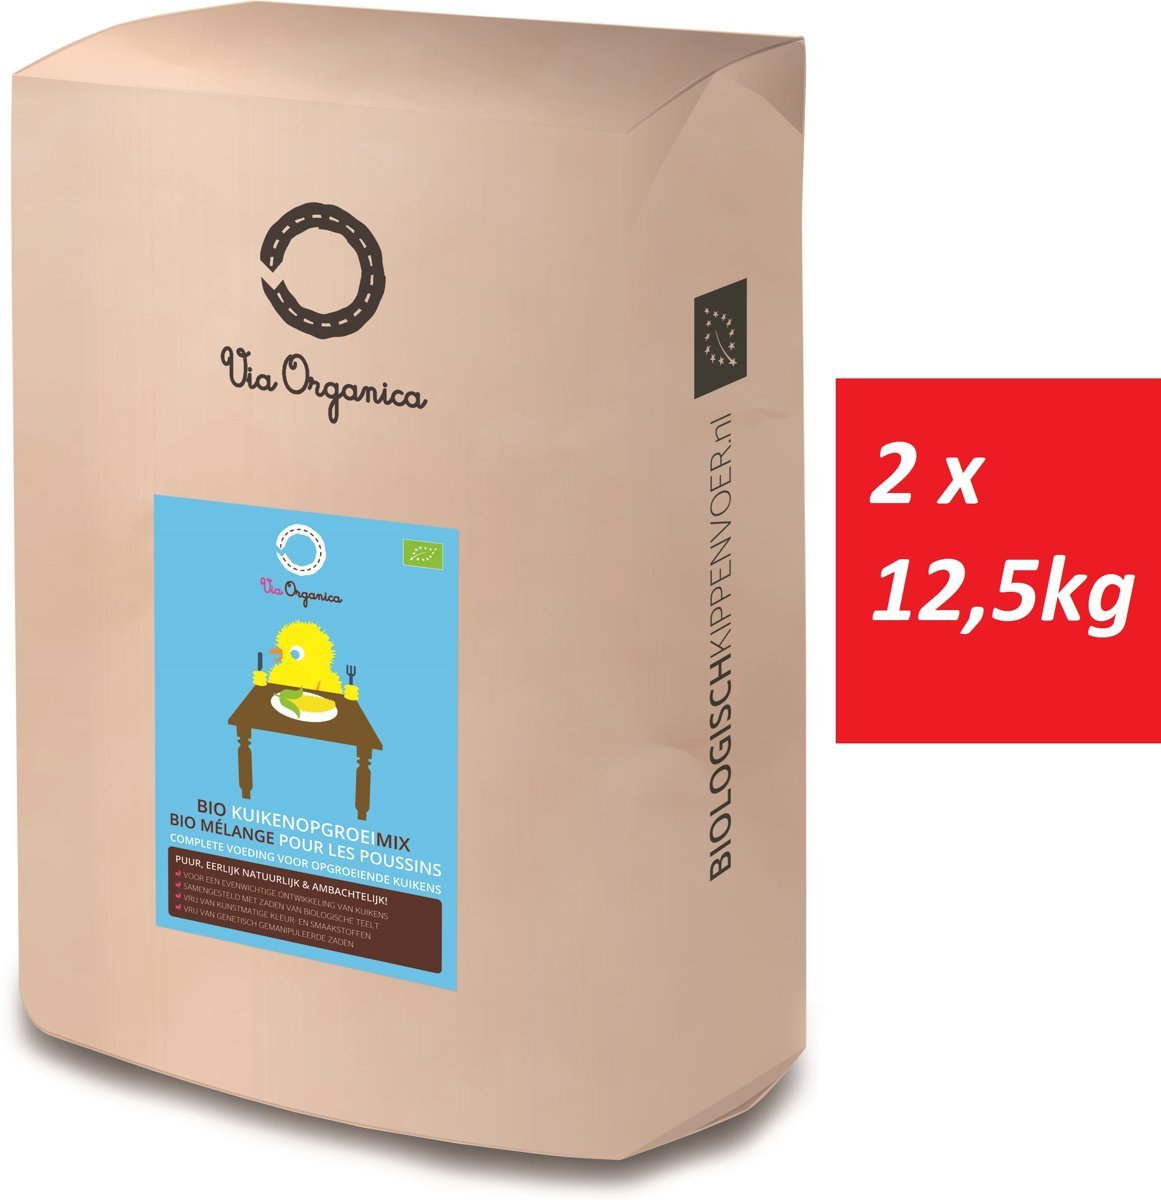 Bio Kuikenopgroeimix 2 x 12,5kg - biologisch kippenvoer